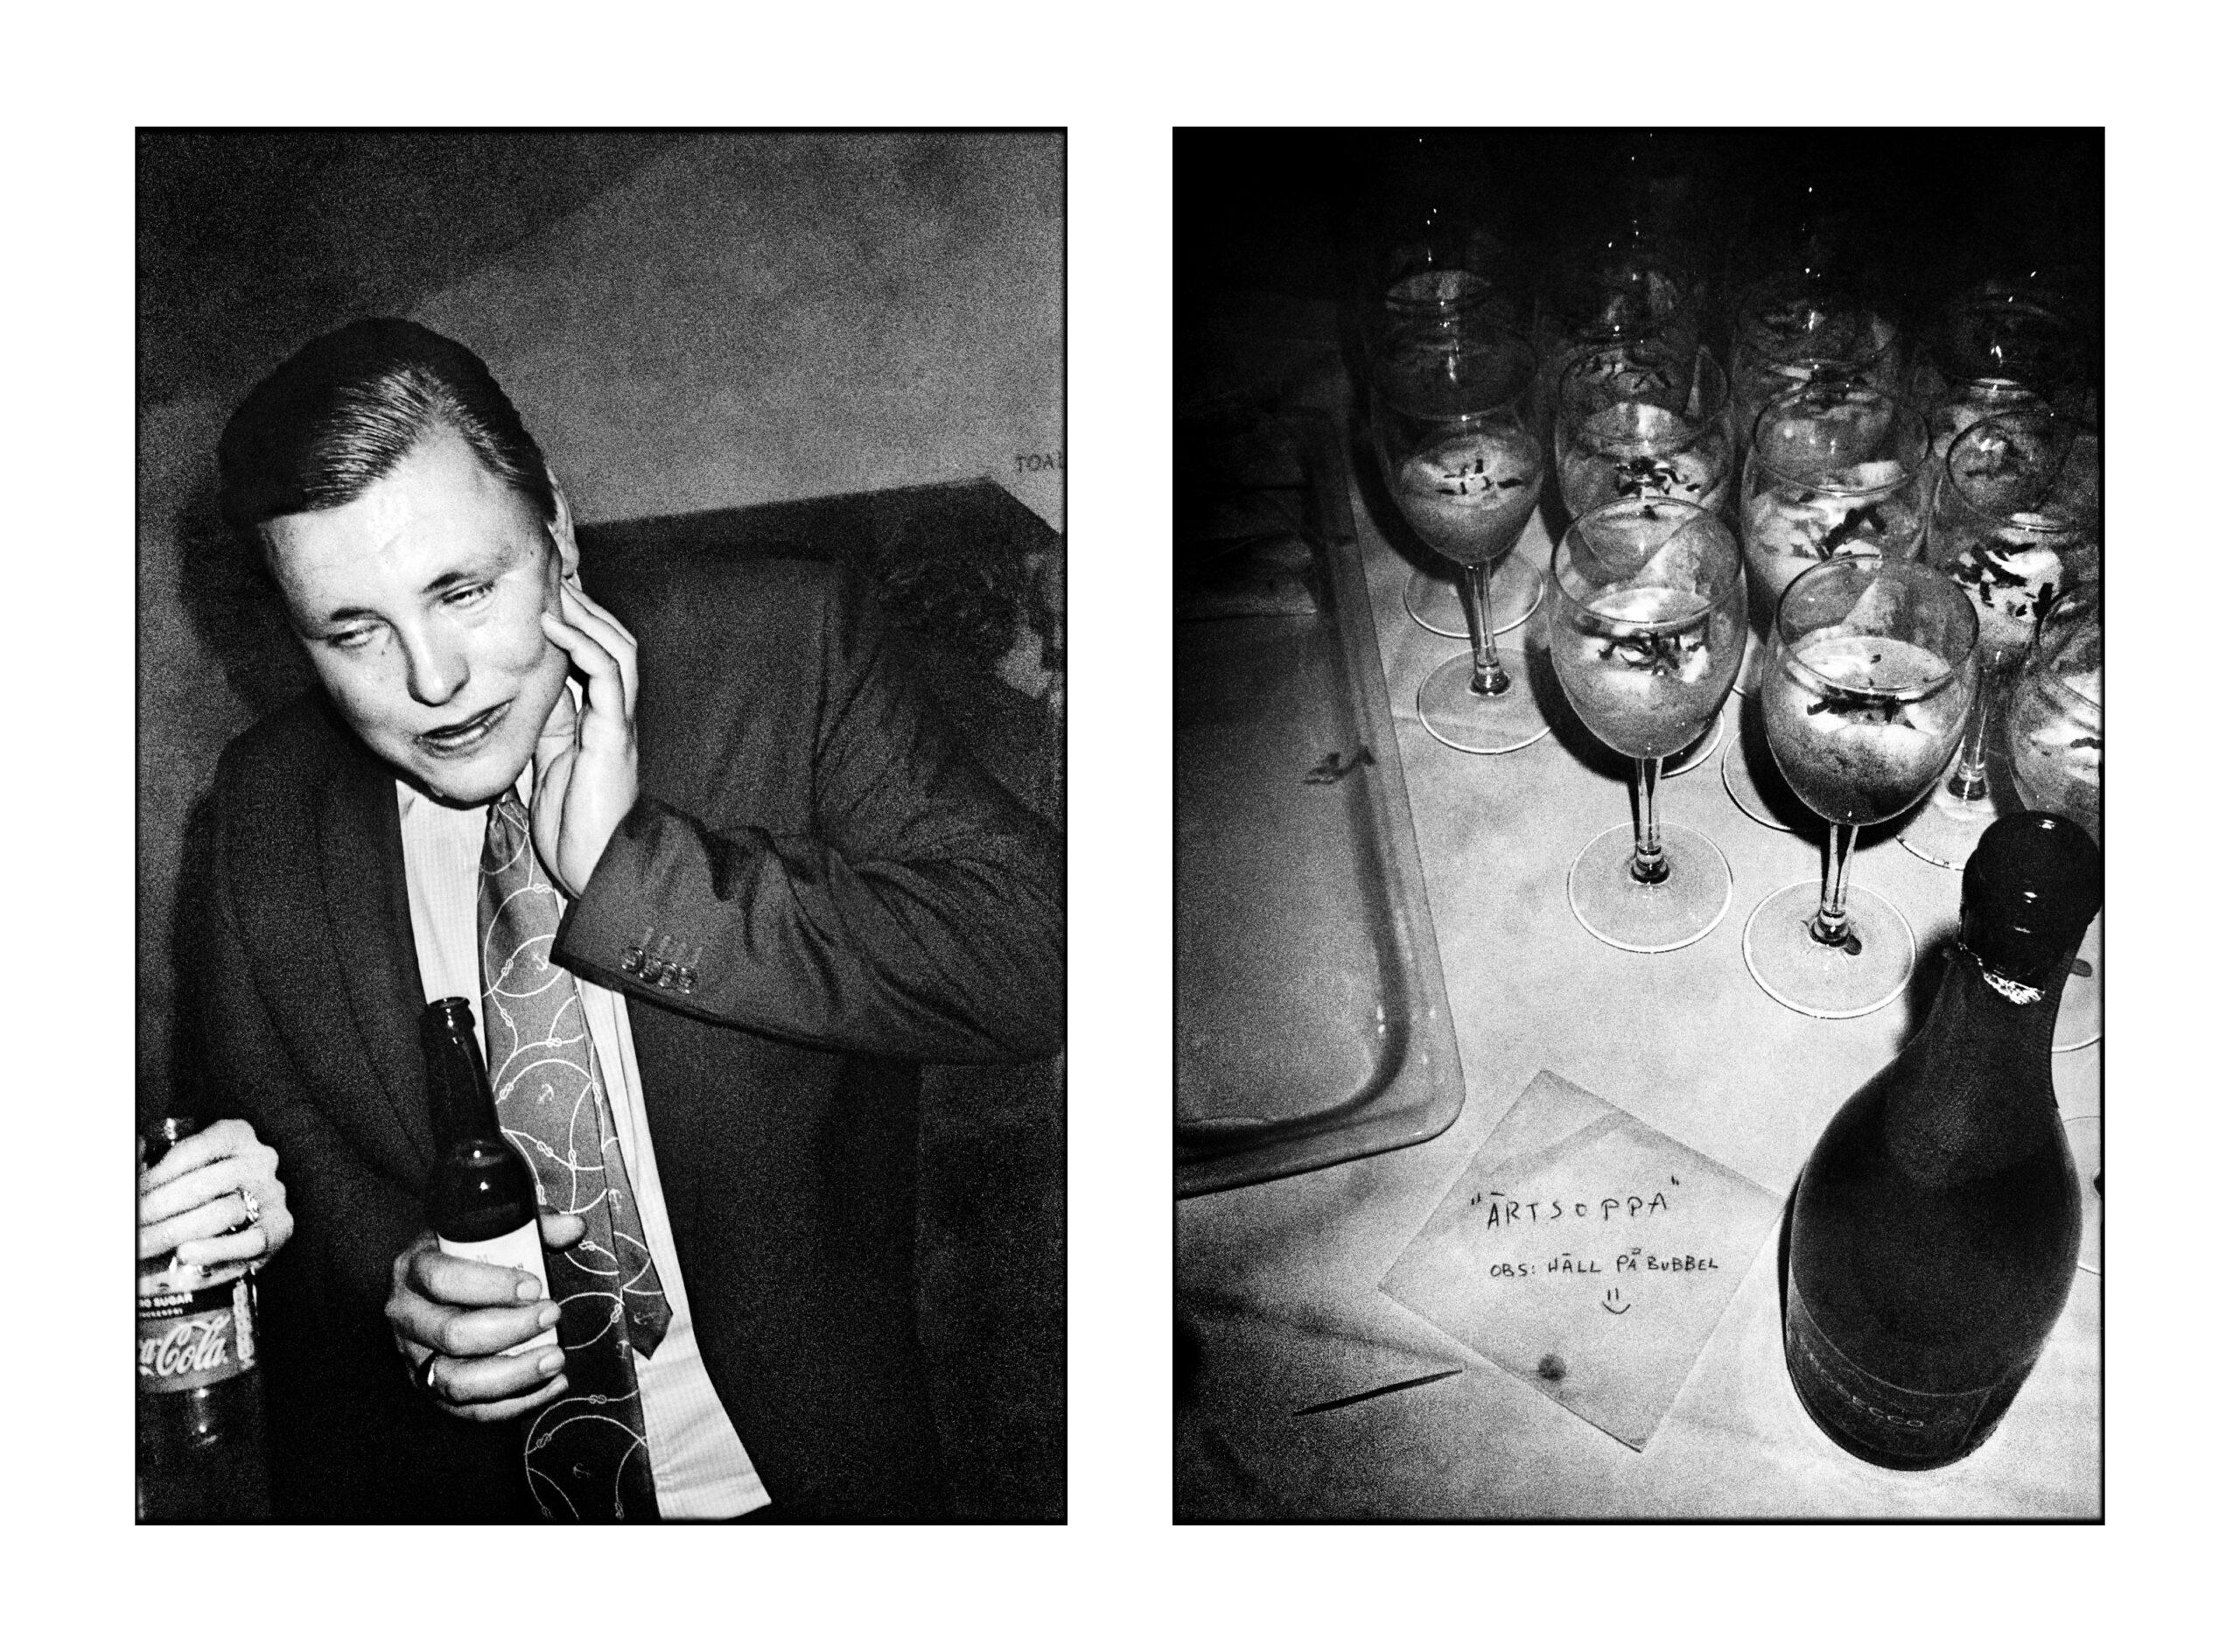 En man på galan och en bild av dryck. Alla bilder finns att köpa som print.